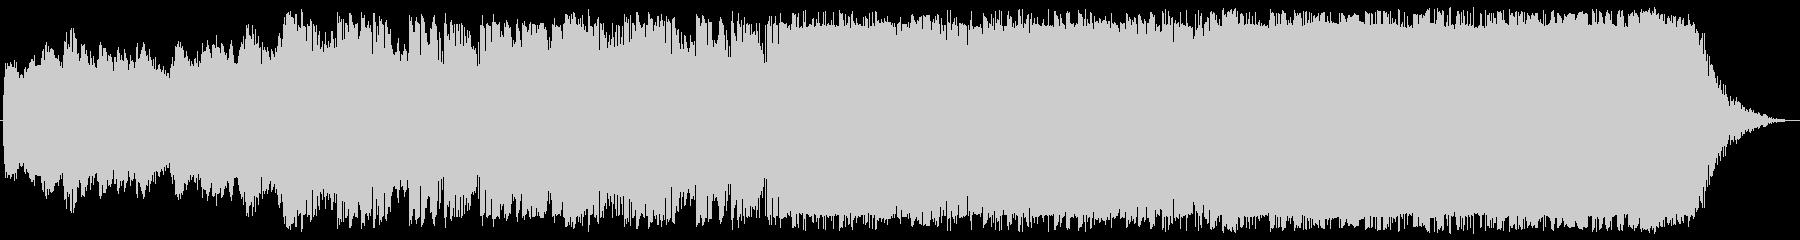 ブレイクビーツ 実験的な ワイルド...の未再生の波形